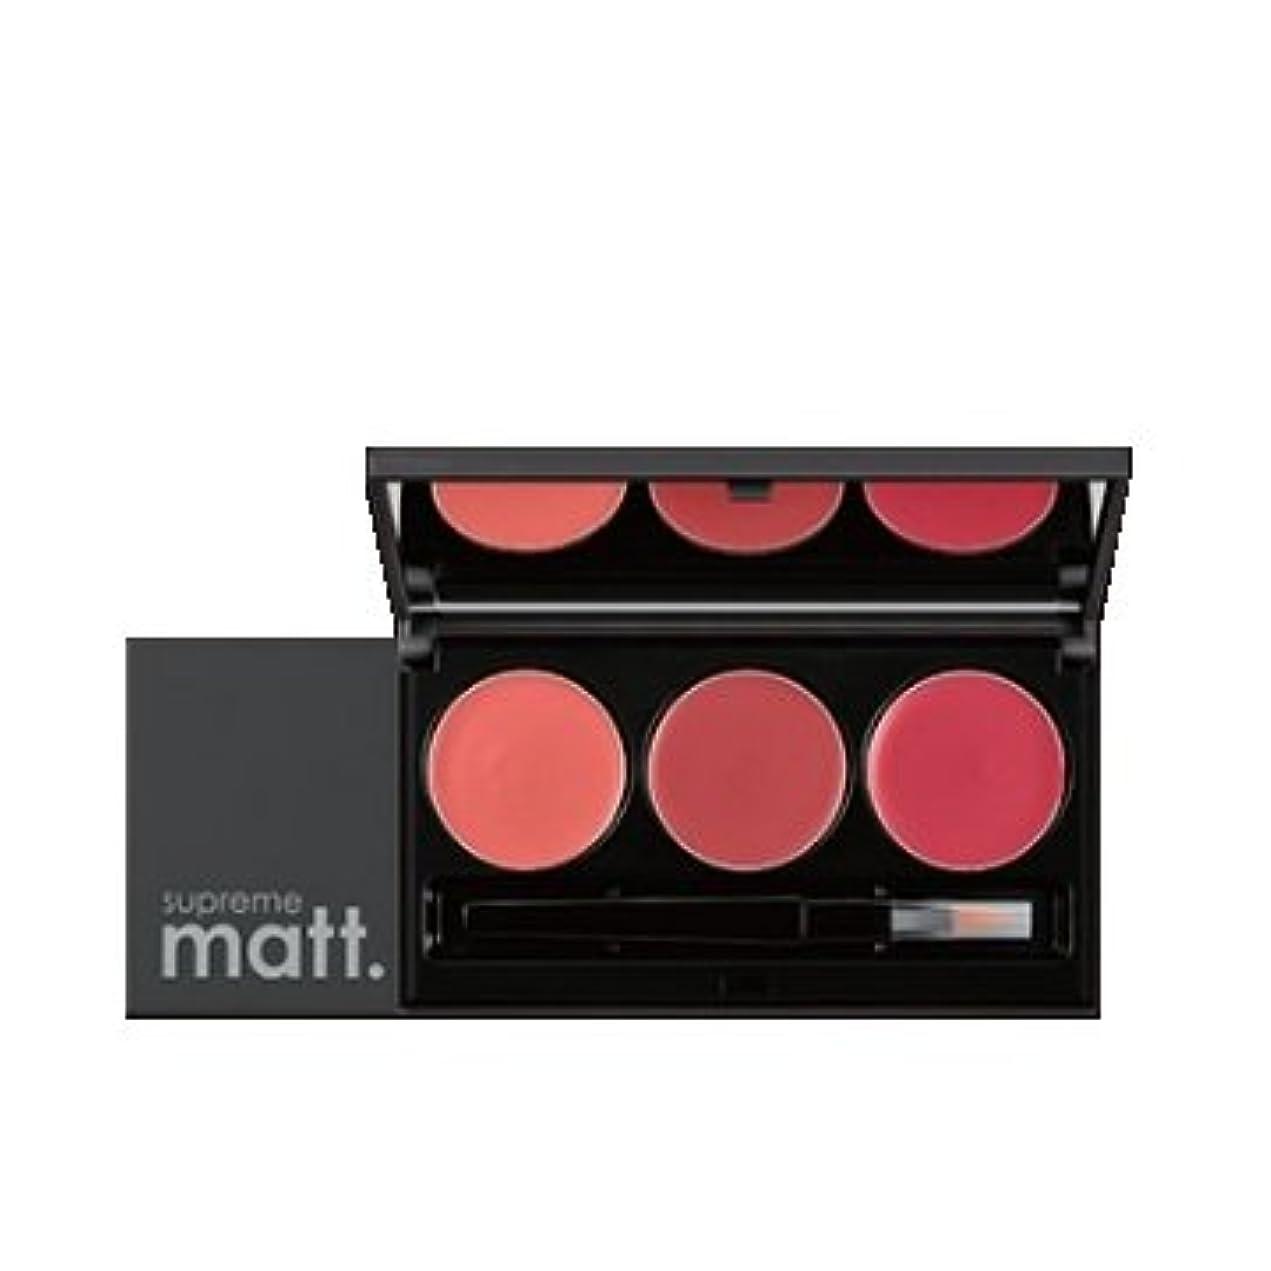 罰するセレナ長方形[サンプル] MISSHA Supreme Matt Lip Rouge Lip Palette / ミシャ シュープリームマットリップルージュリップパレット [並行輸入品]